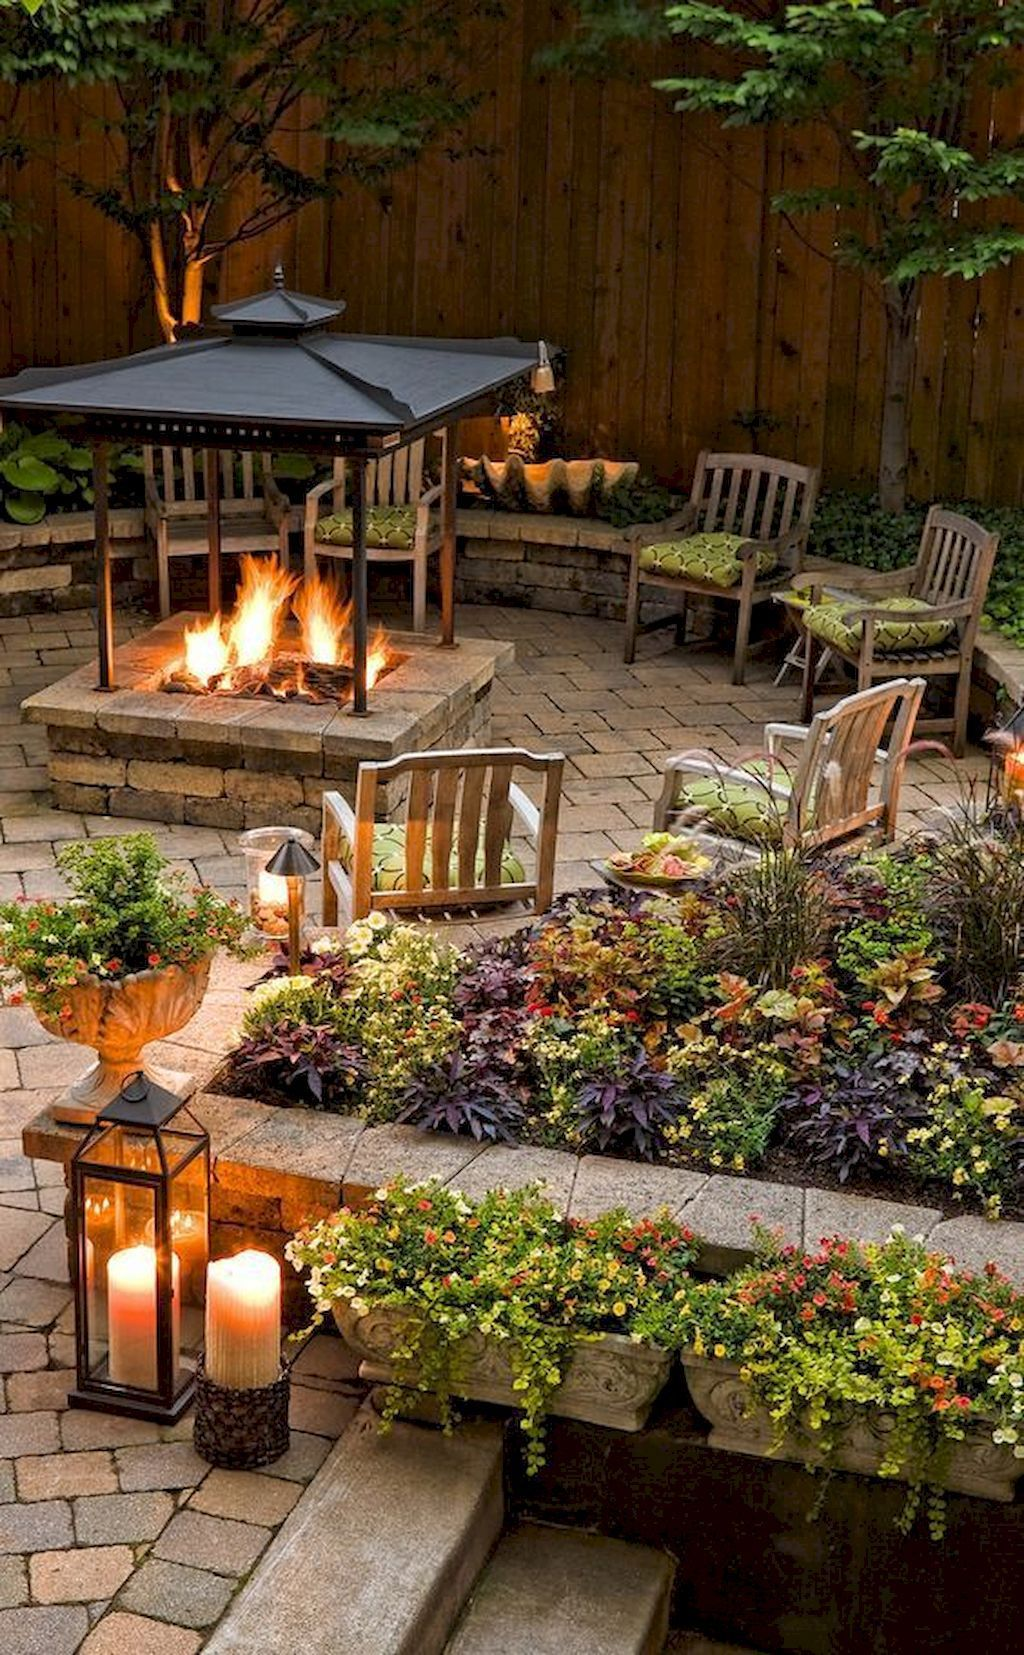 Incredible outdoor patio design ideas for backyard